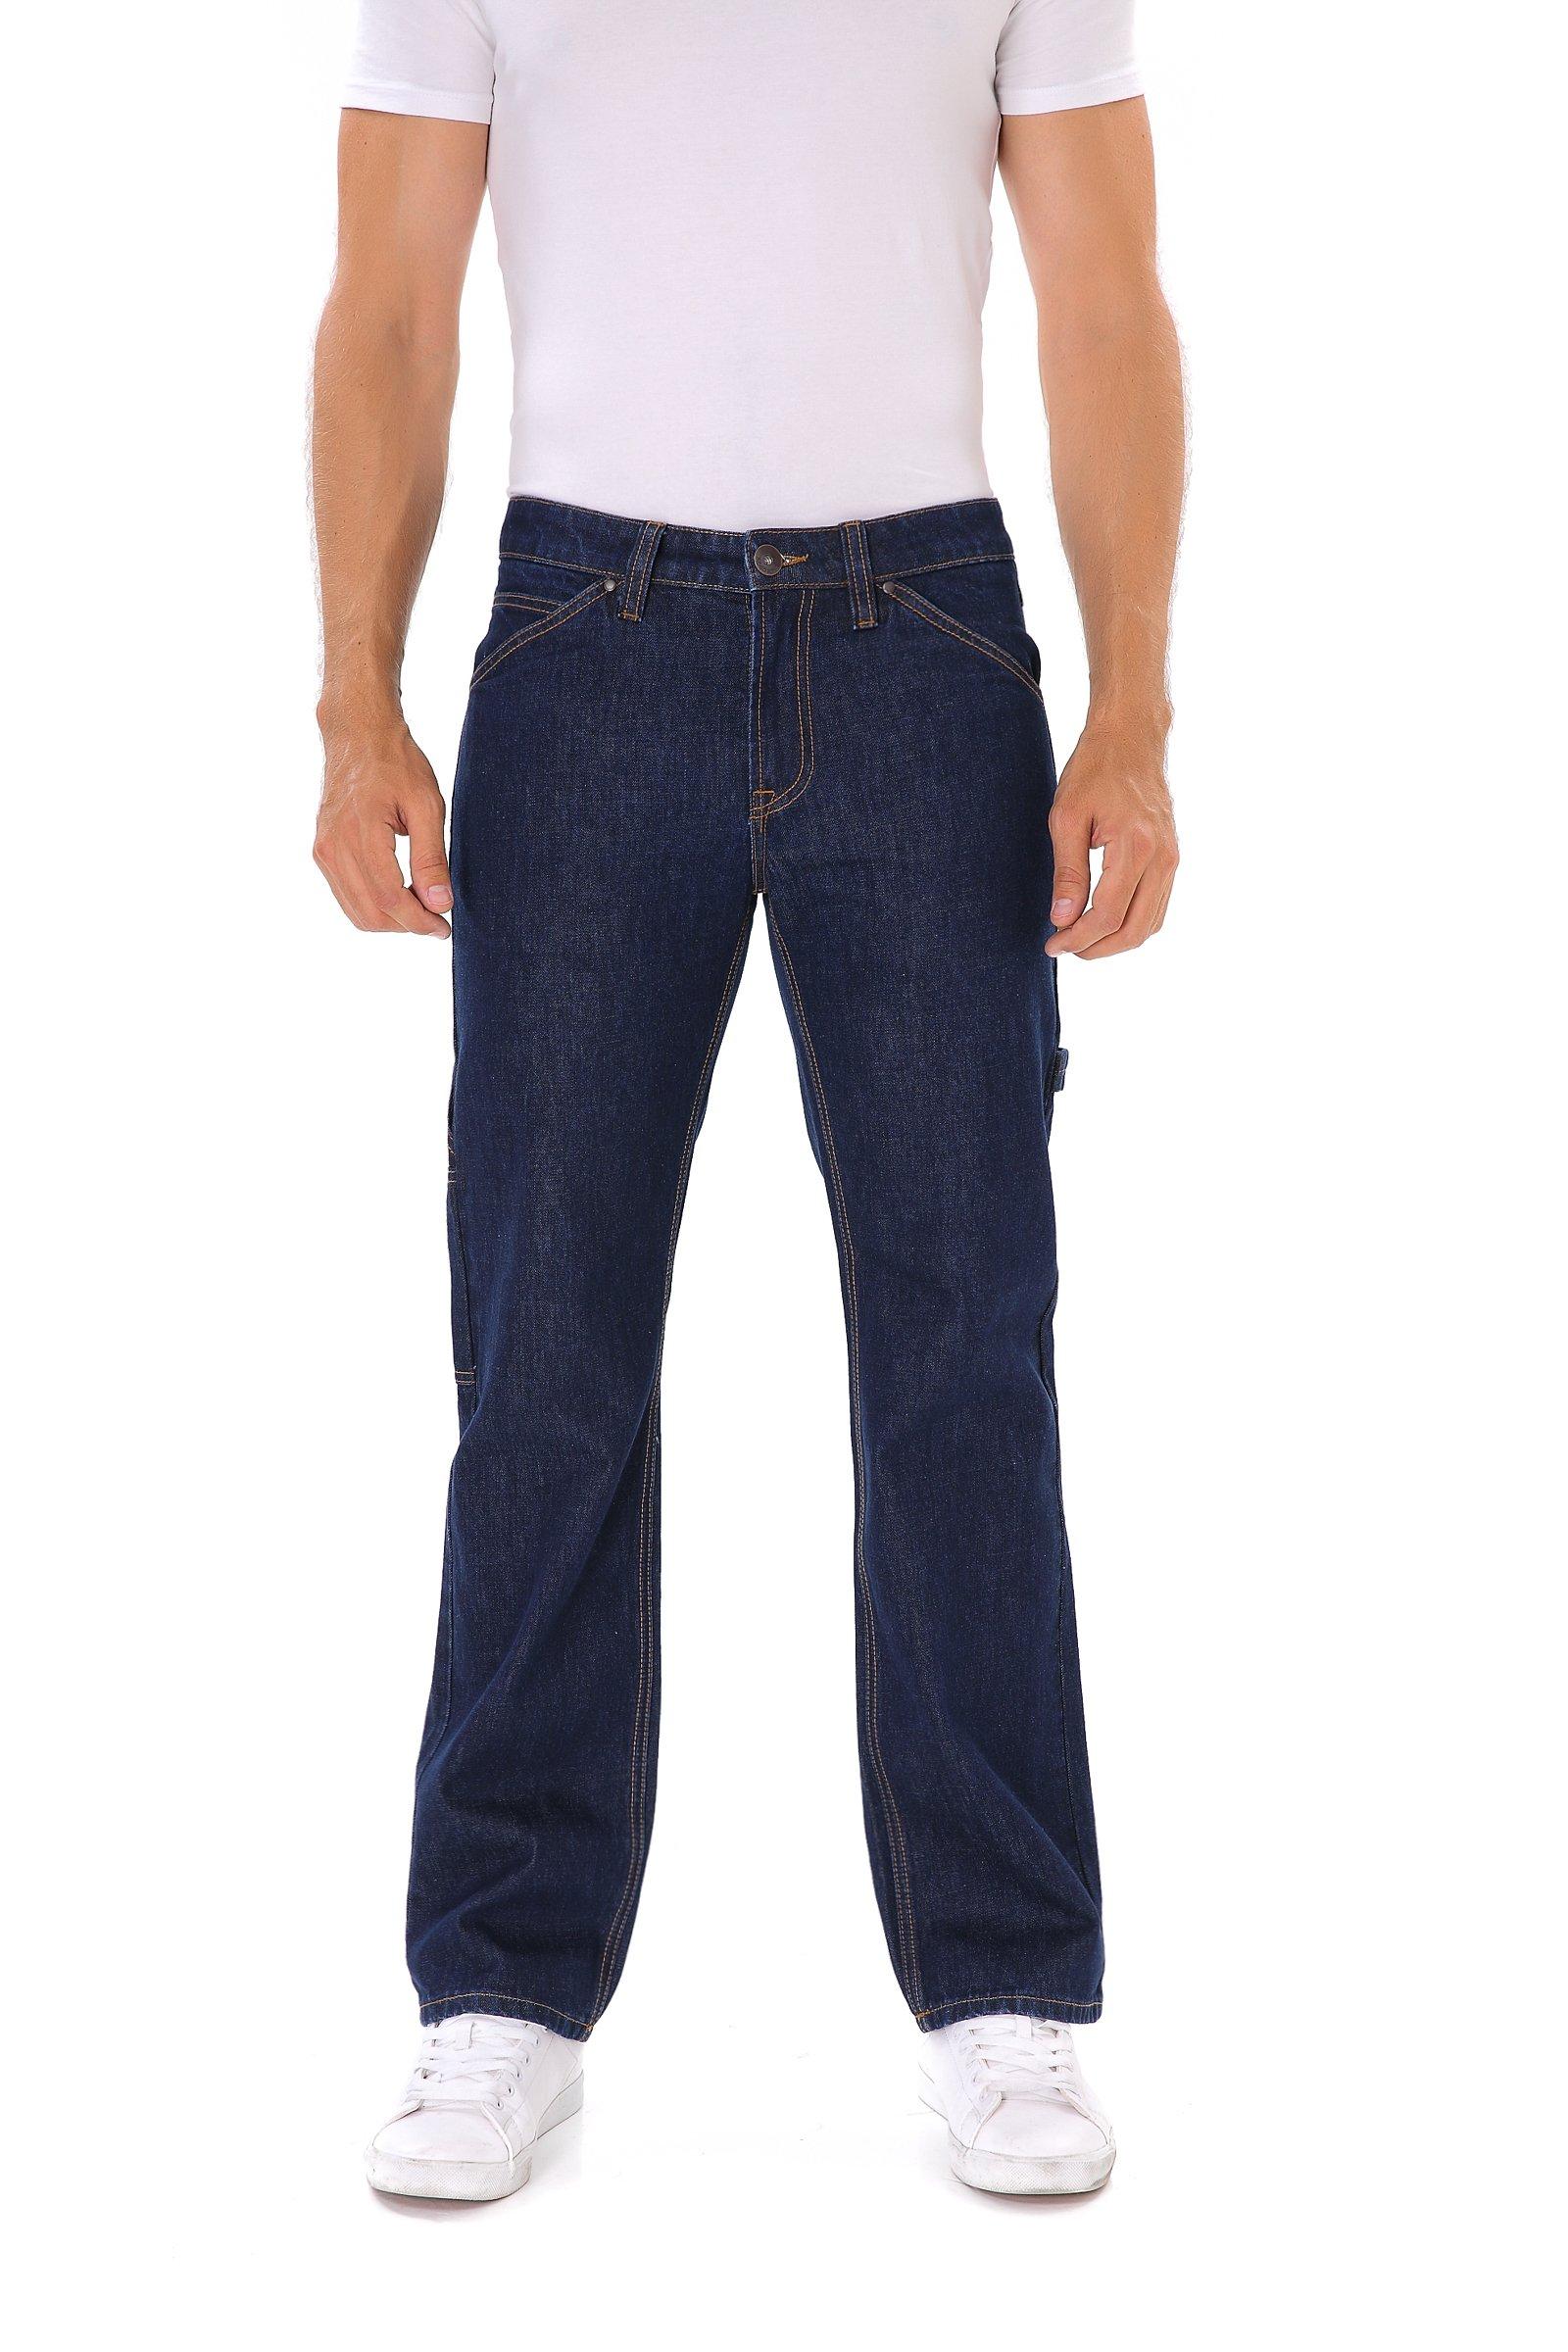 Indigo alpha Carpenter Dark Navy Blue Denim Work Jeans(8020D,W31/L34)